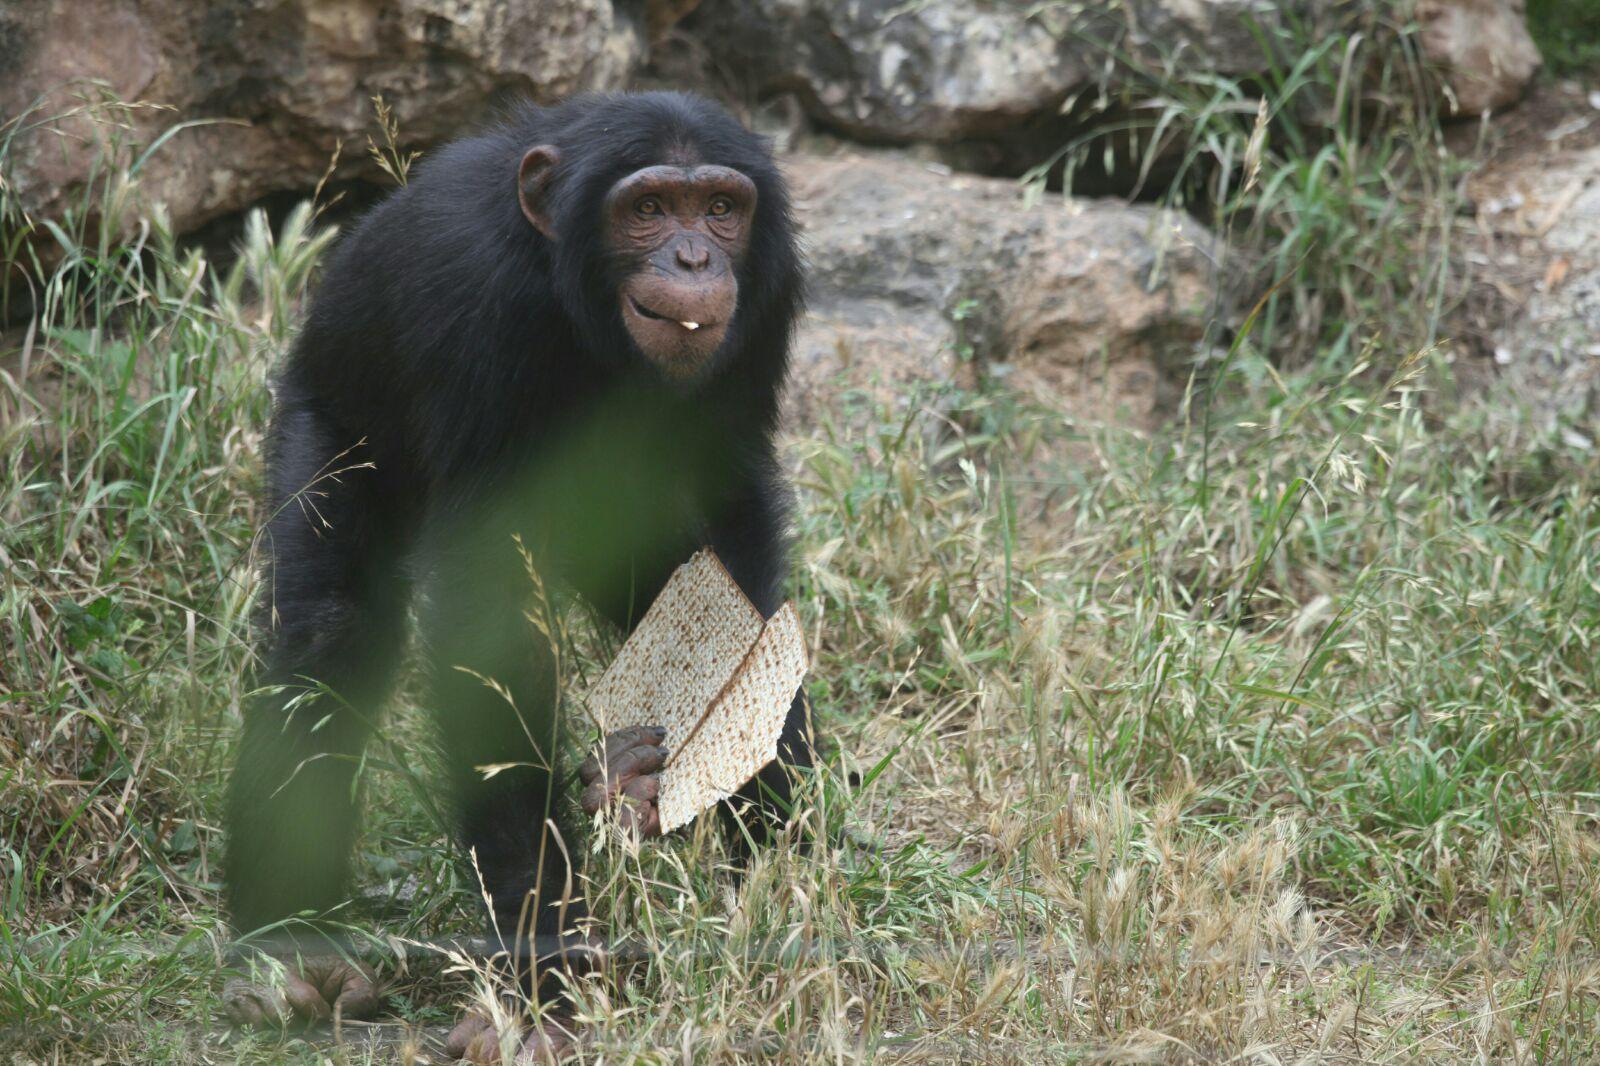 ערב פסח בספארי: צפו בקופים מתענגים על המצות